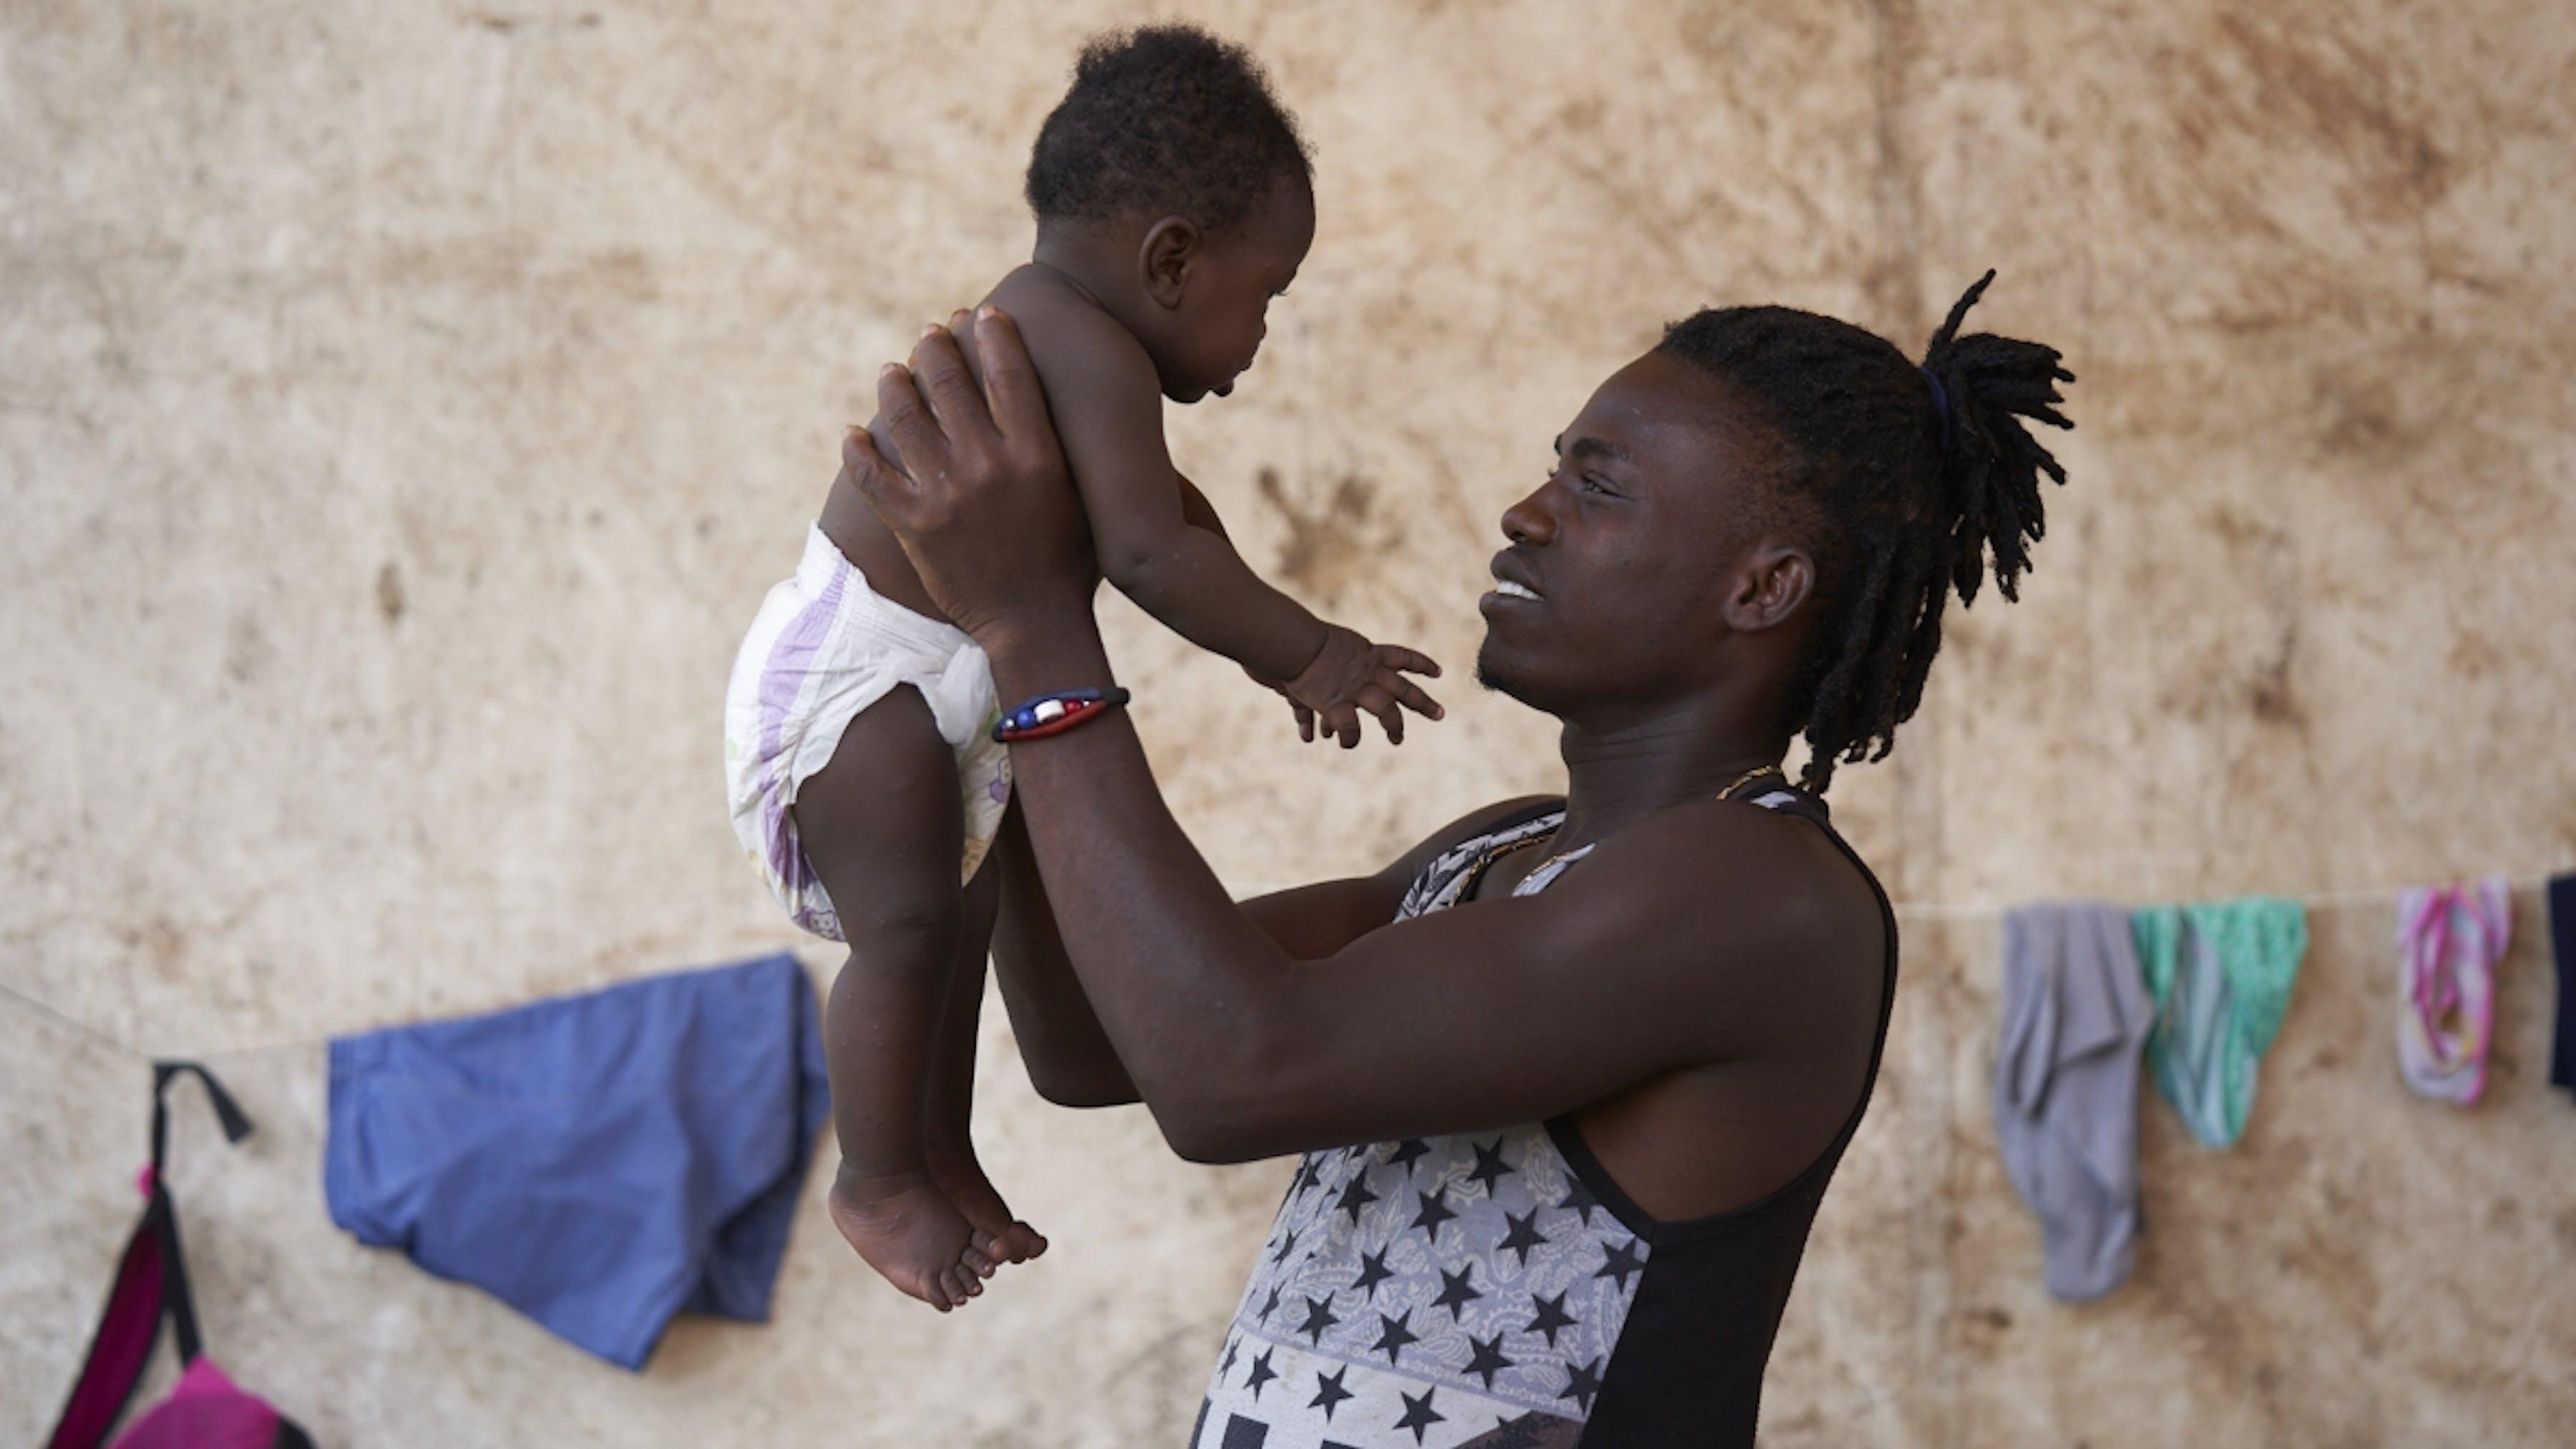 Panama, una caregiver gioca con un bambino rifugiato in centro di accoglienza per migranti e rifugiati.